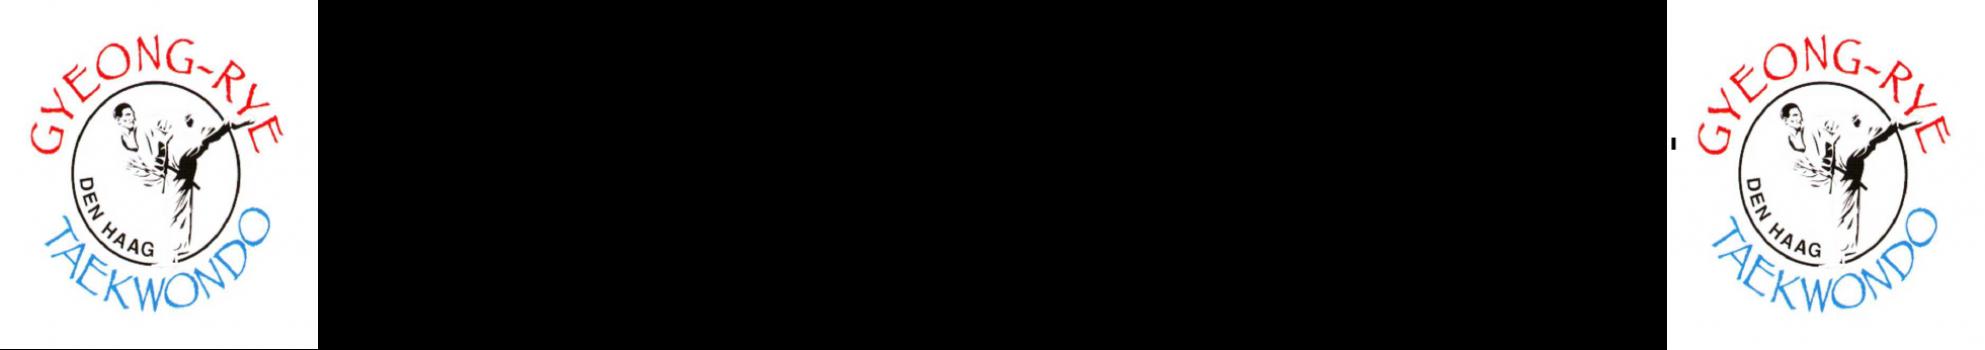 banne5en